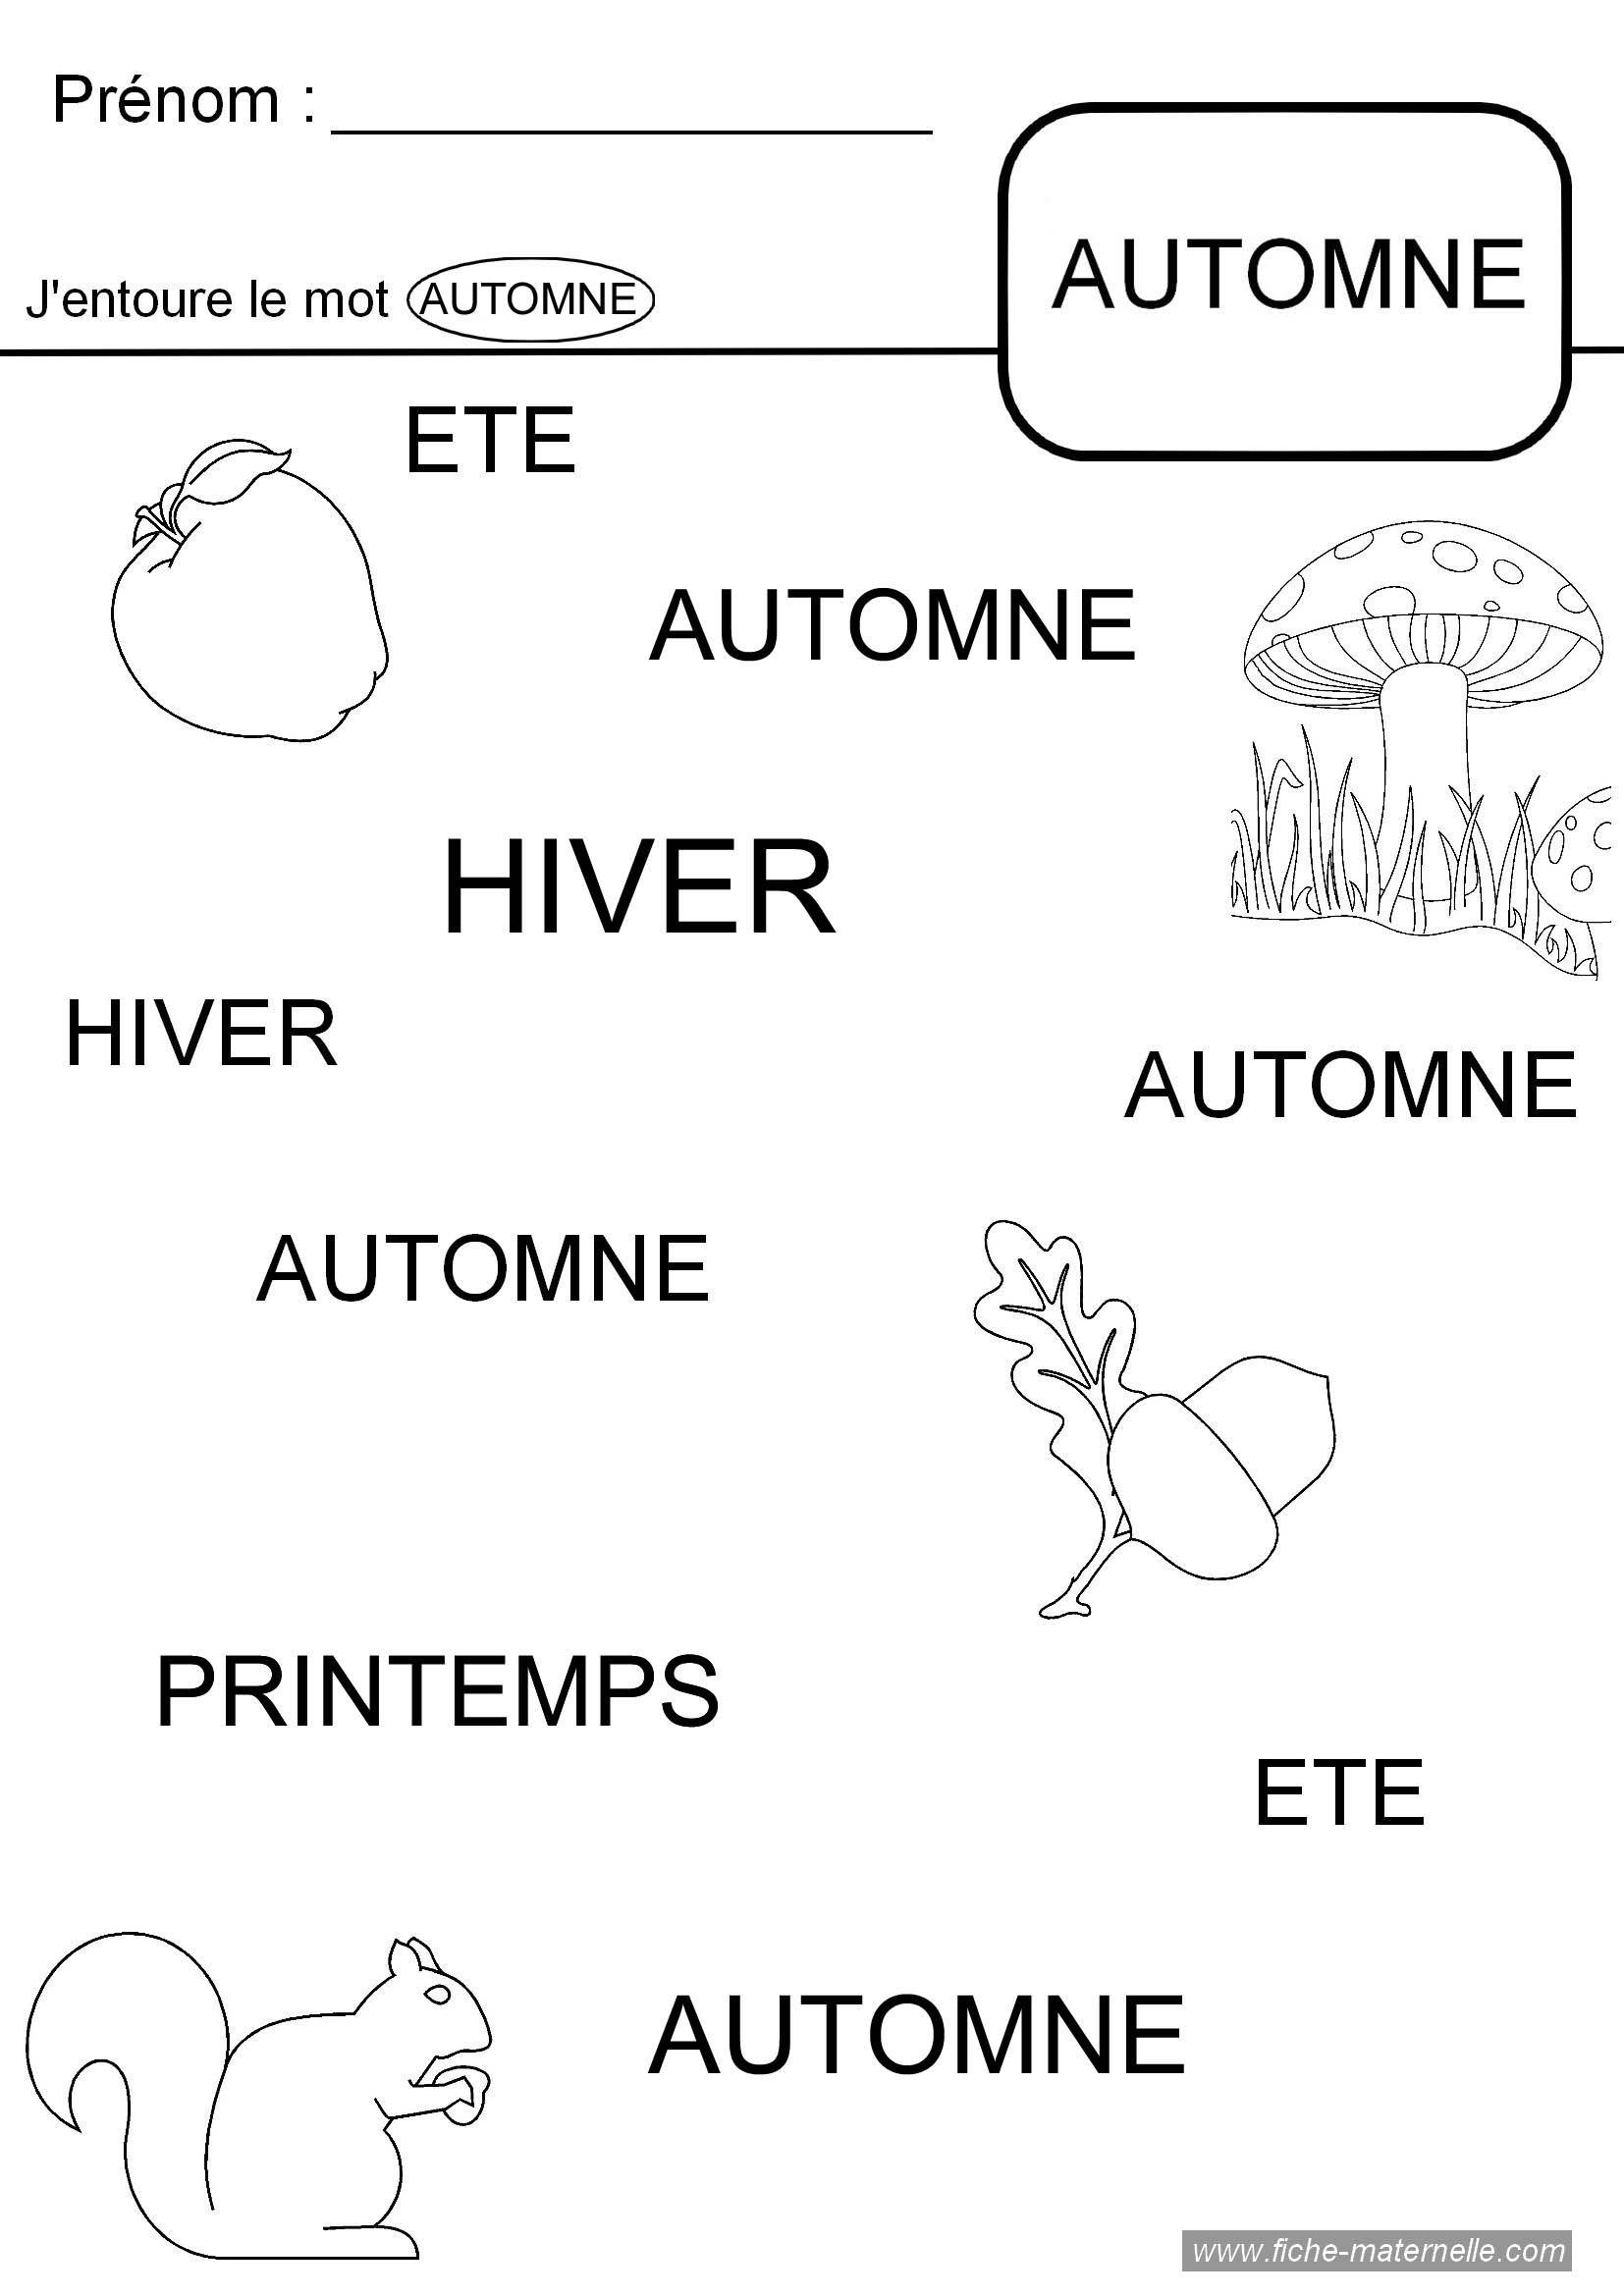 Th me de l 39 automne en maternelle les 4 saisons pinterest maternelle la pomme en - Activite automne maternelle ...